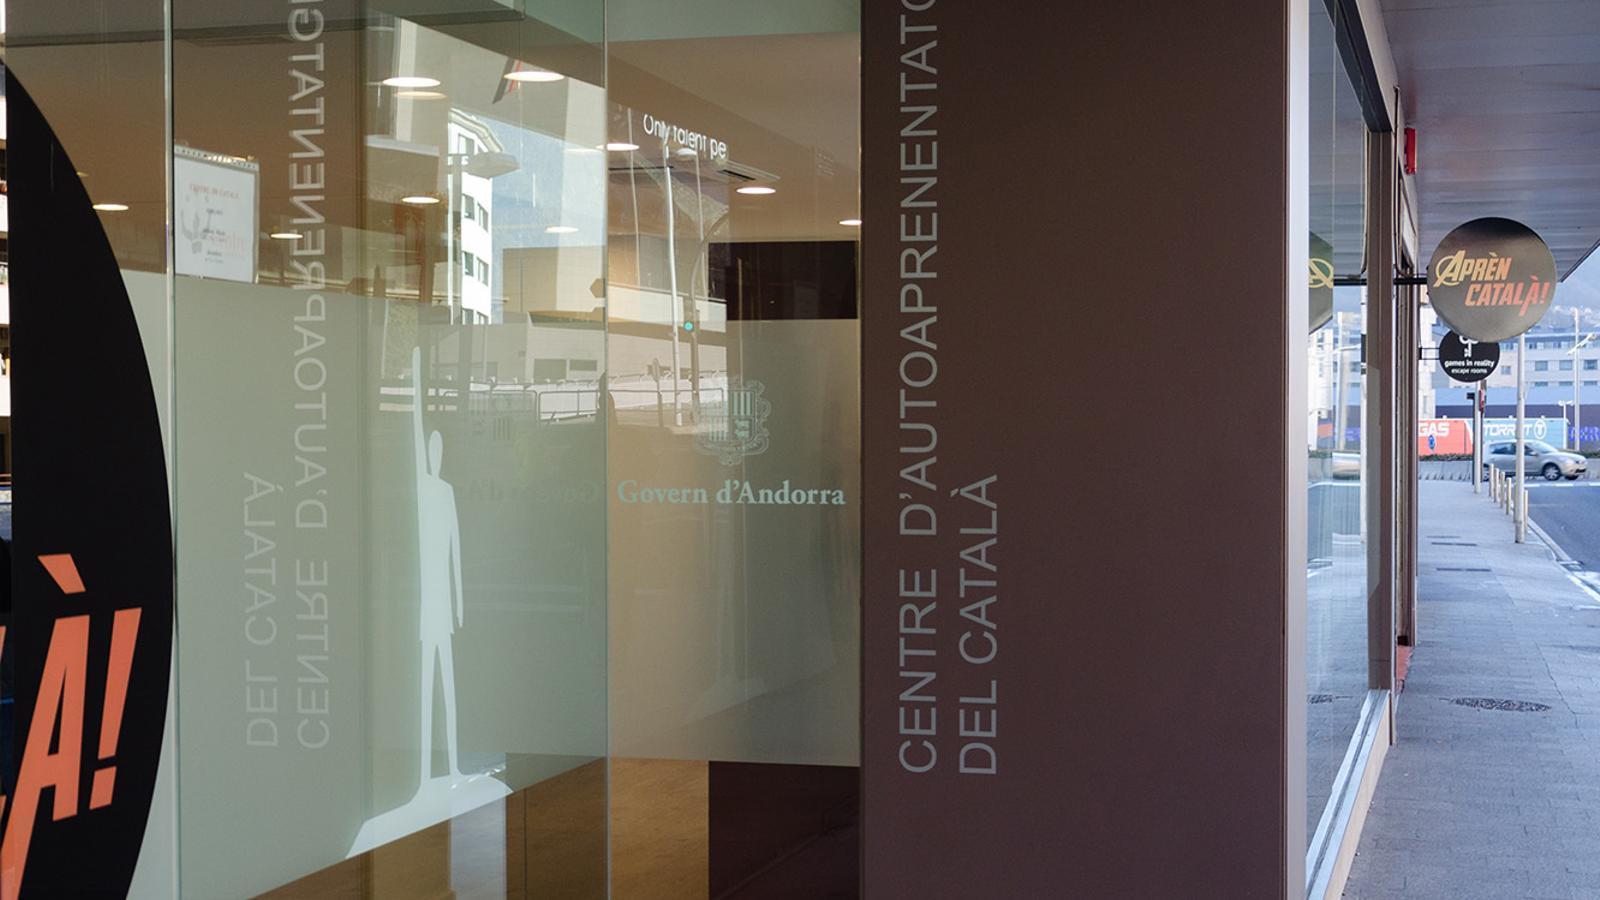 El Centre de català d'Escaldes-Engordany romandrà obert per Setmana Santa. / ARXIU ANA